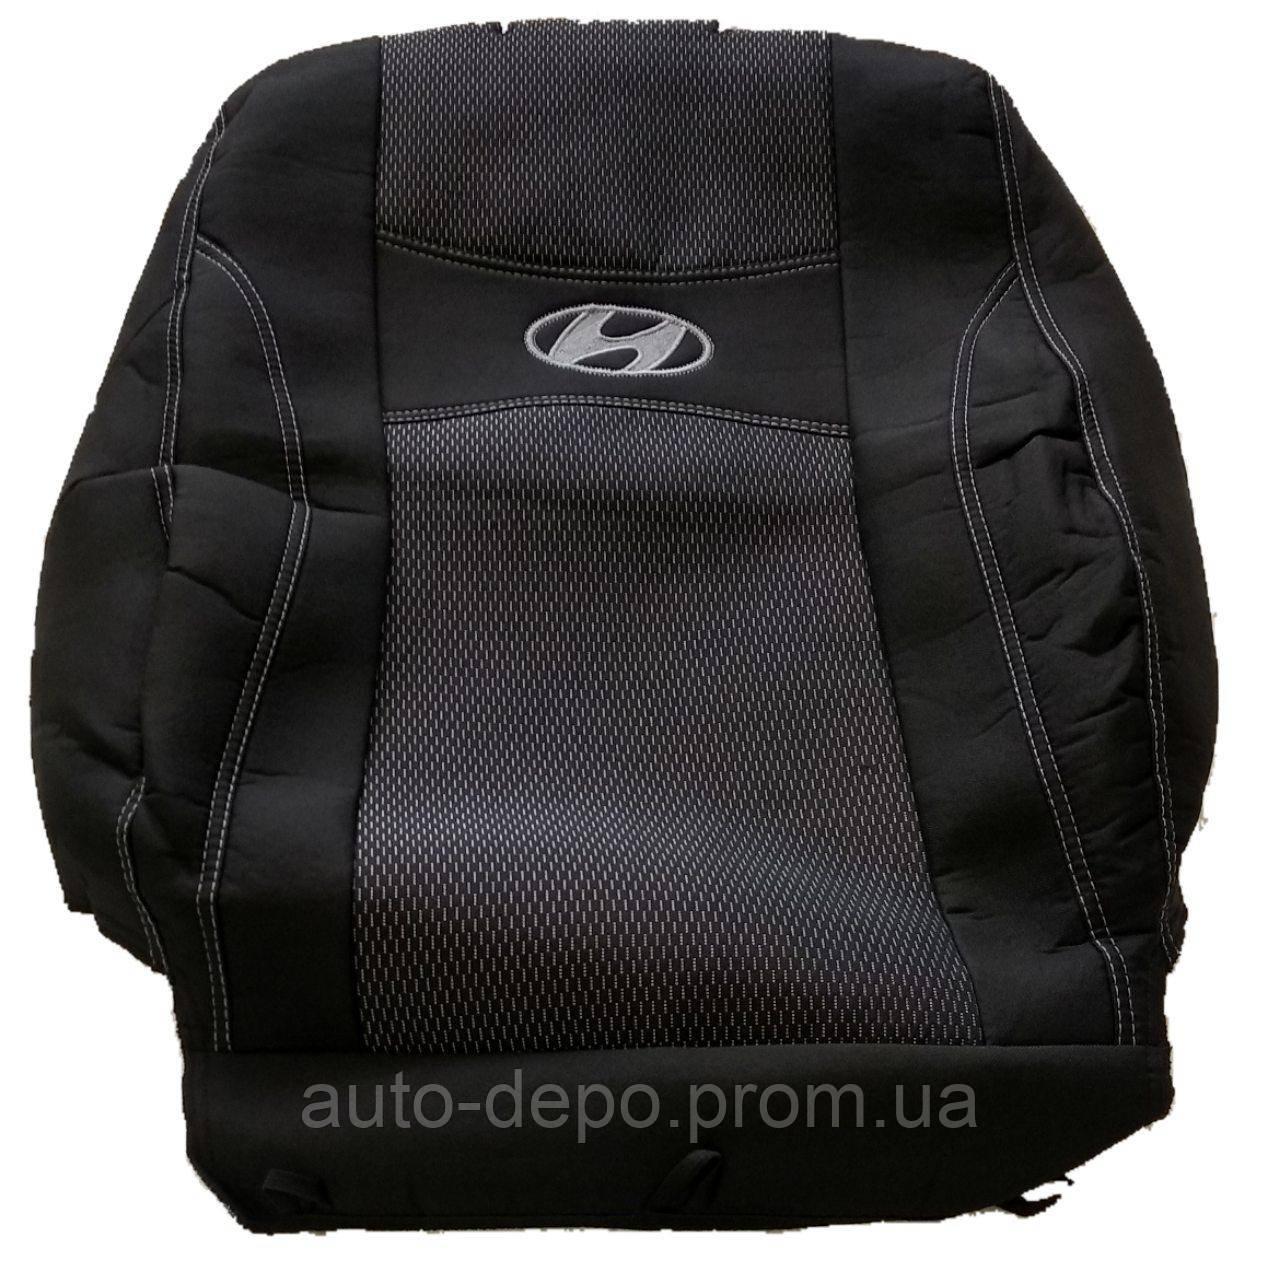 Авточехлы Hyundai Santa Fe DM 2012- 5 мест Nika